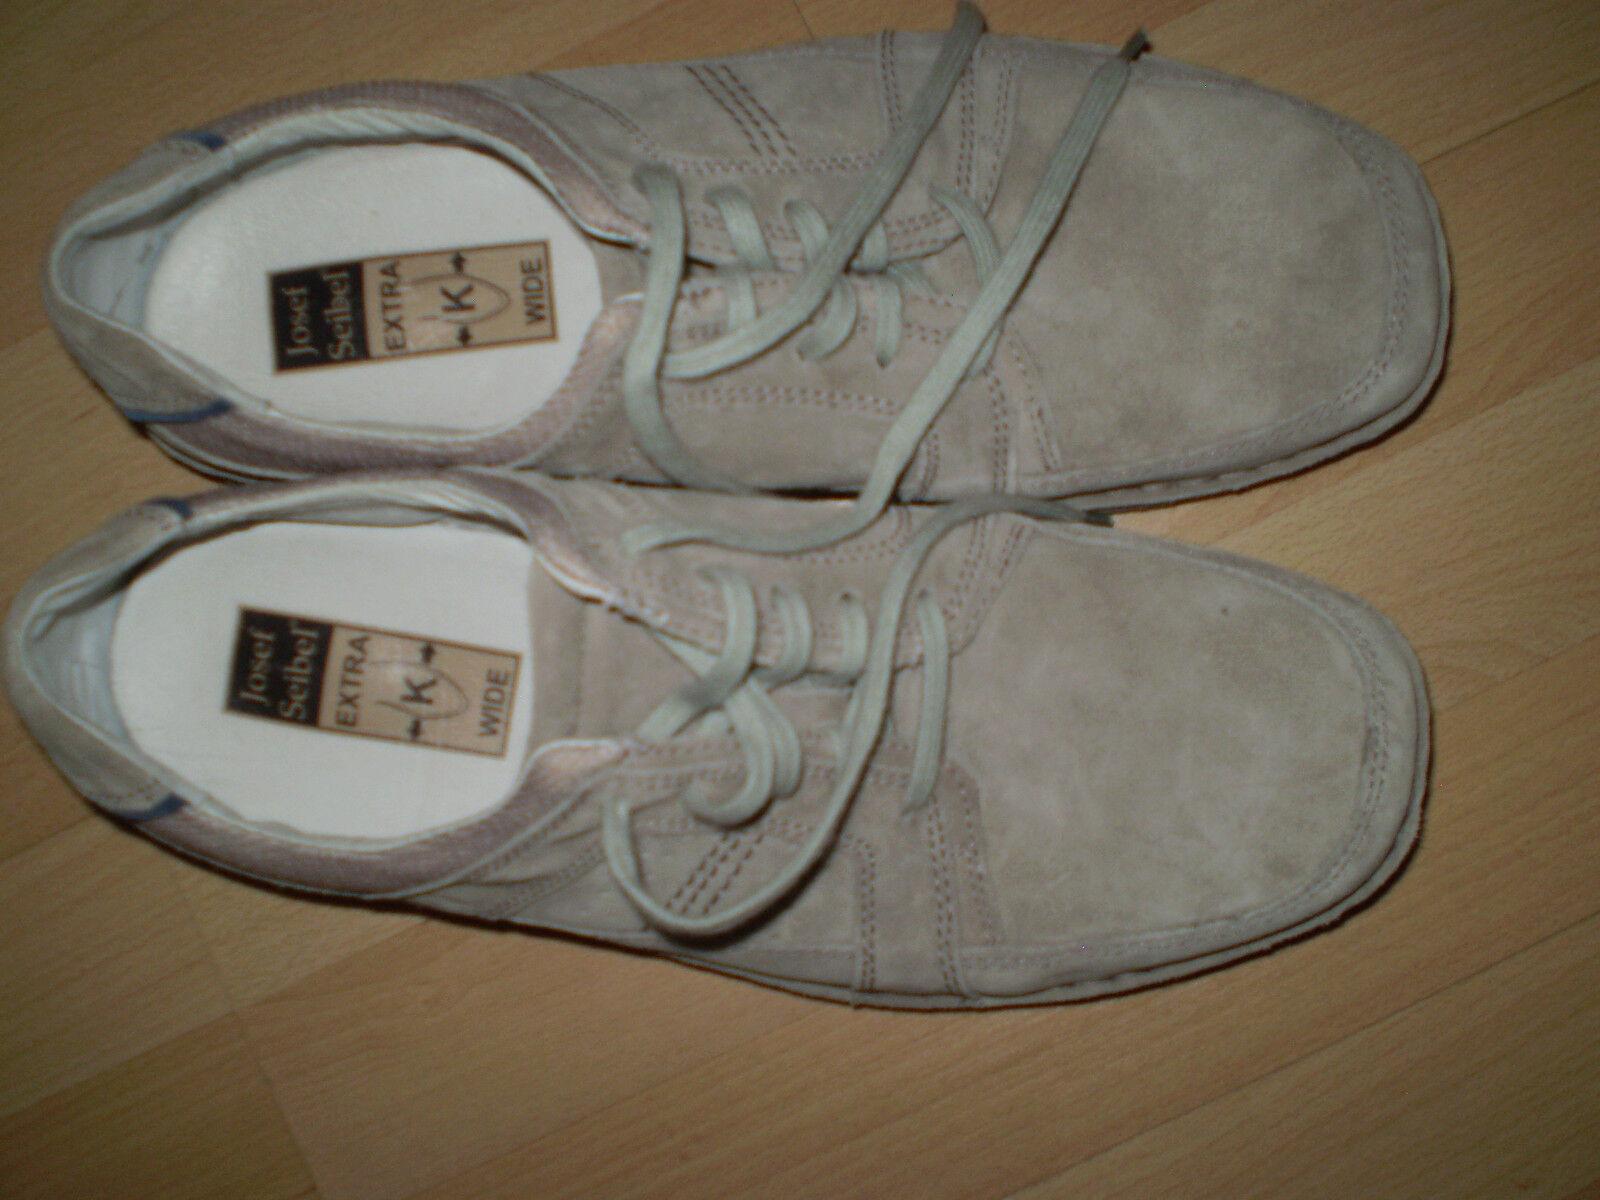 Echt Leder Herren Schnür Schuhe Gr. 45 Beige Neuwertig nur 1- mall kurz getrag